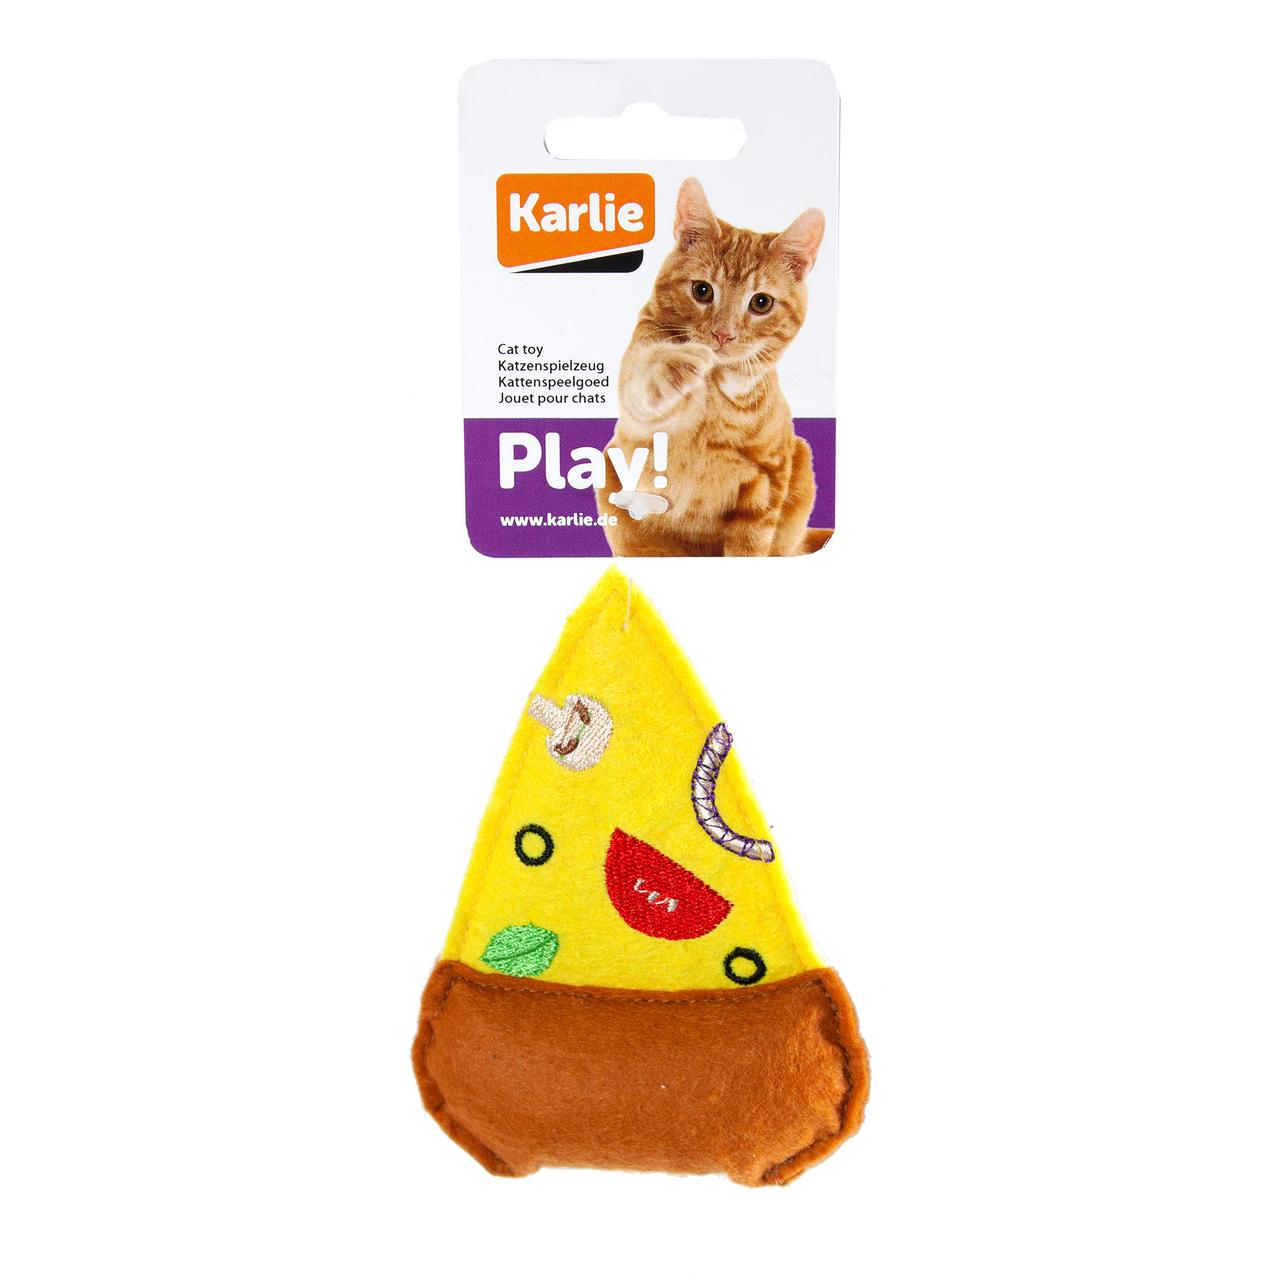 Karlie Katzenspielzeug aus Textil, Bild 11